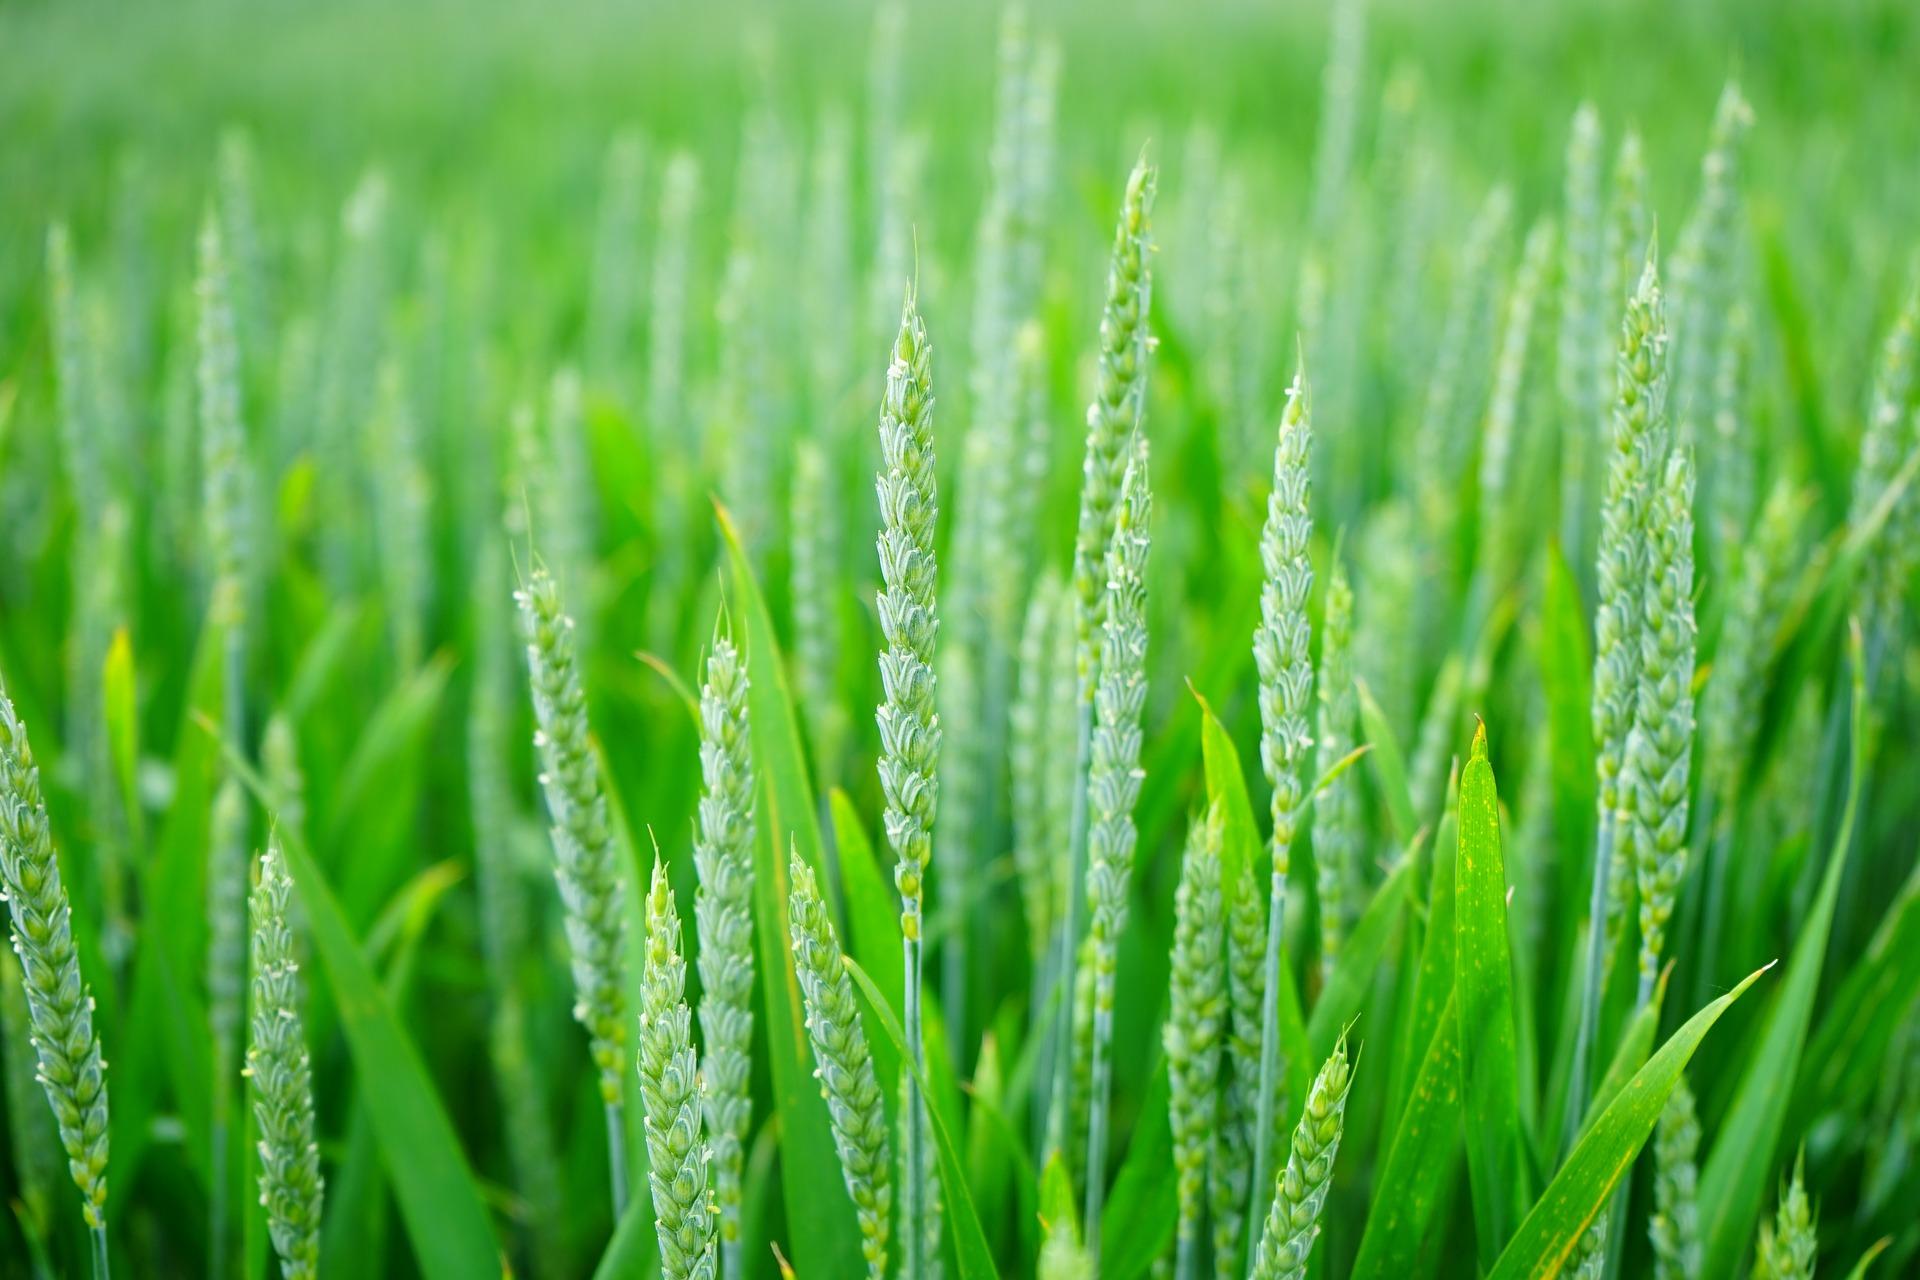 wheat-1117267 1920